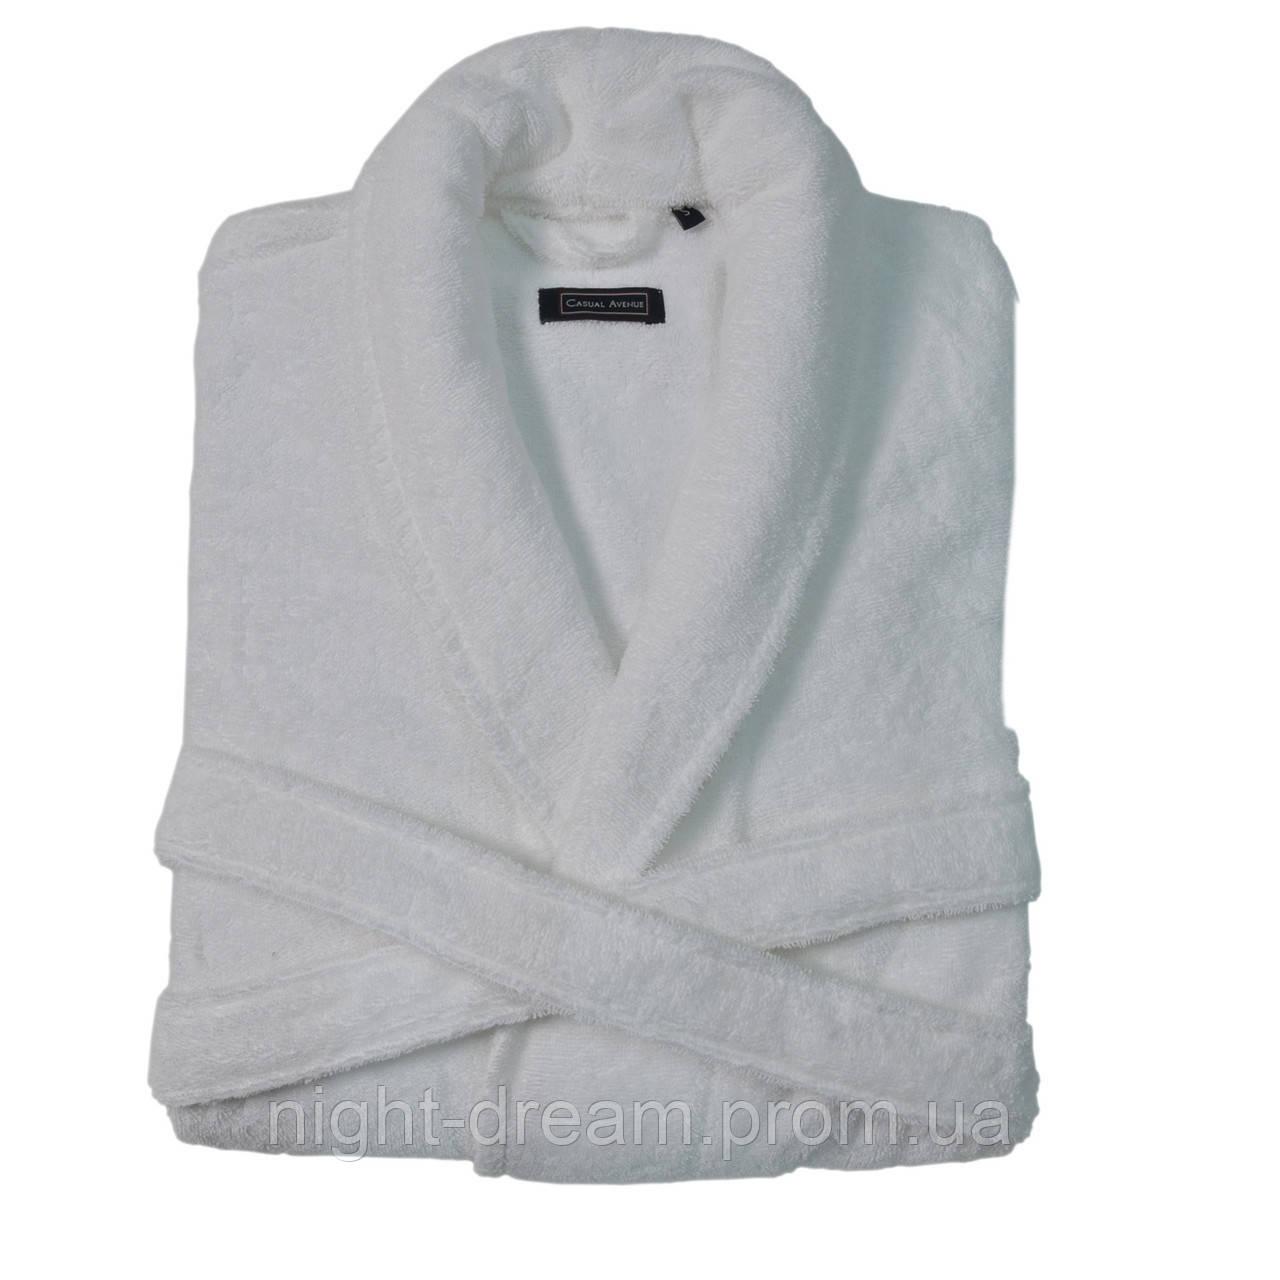 Мужской махровый халат DOWNTOWN  White размер L